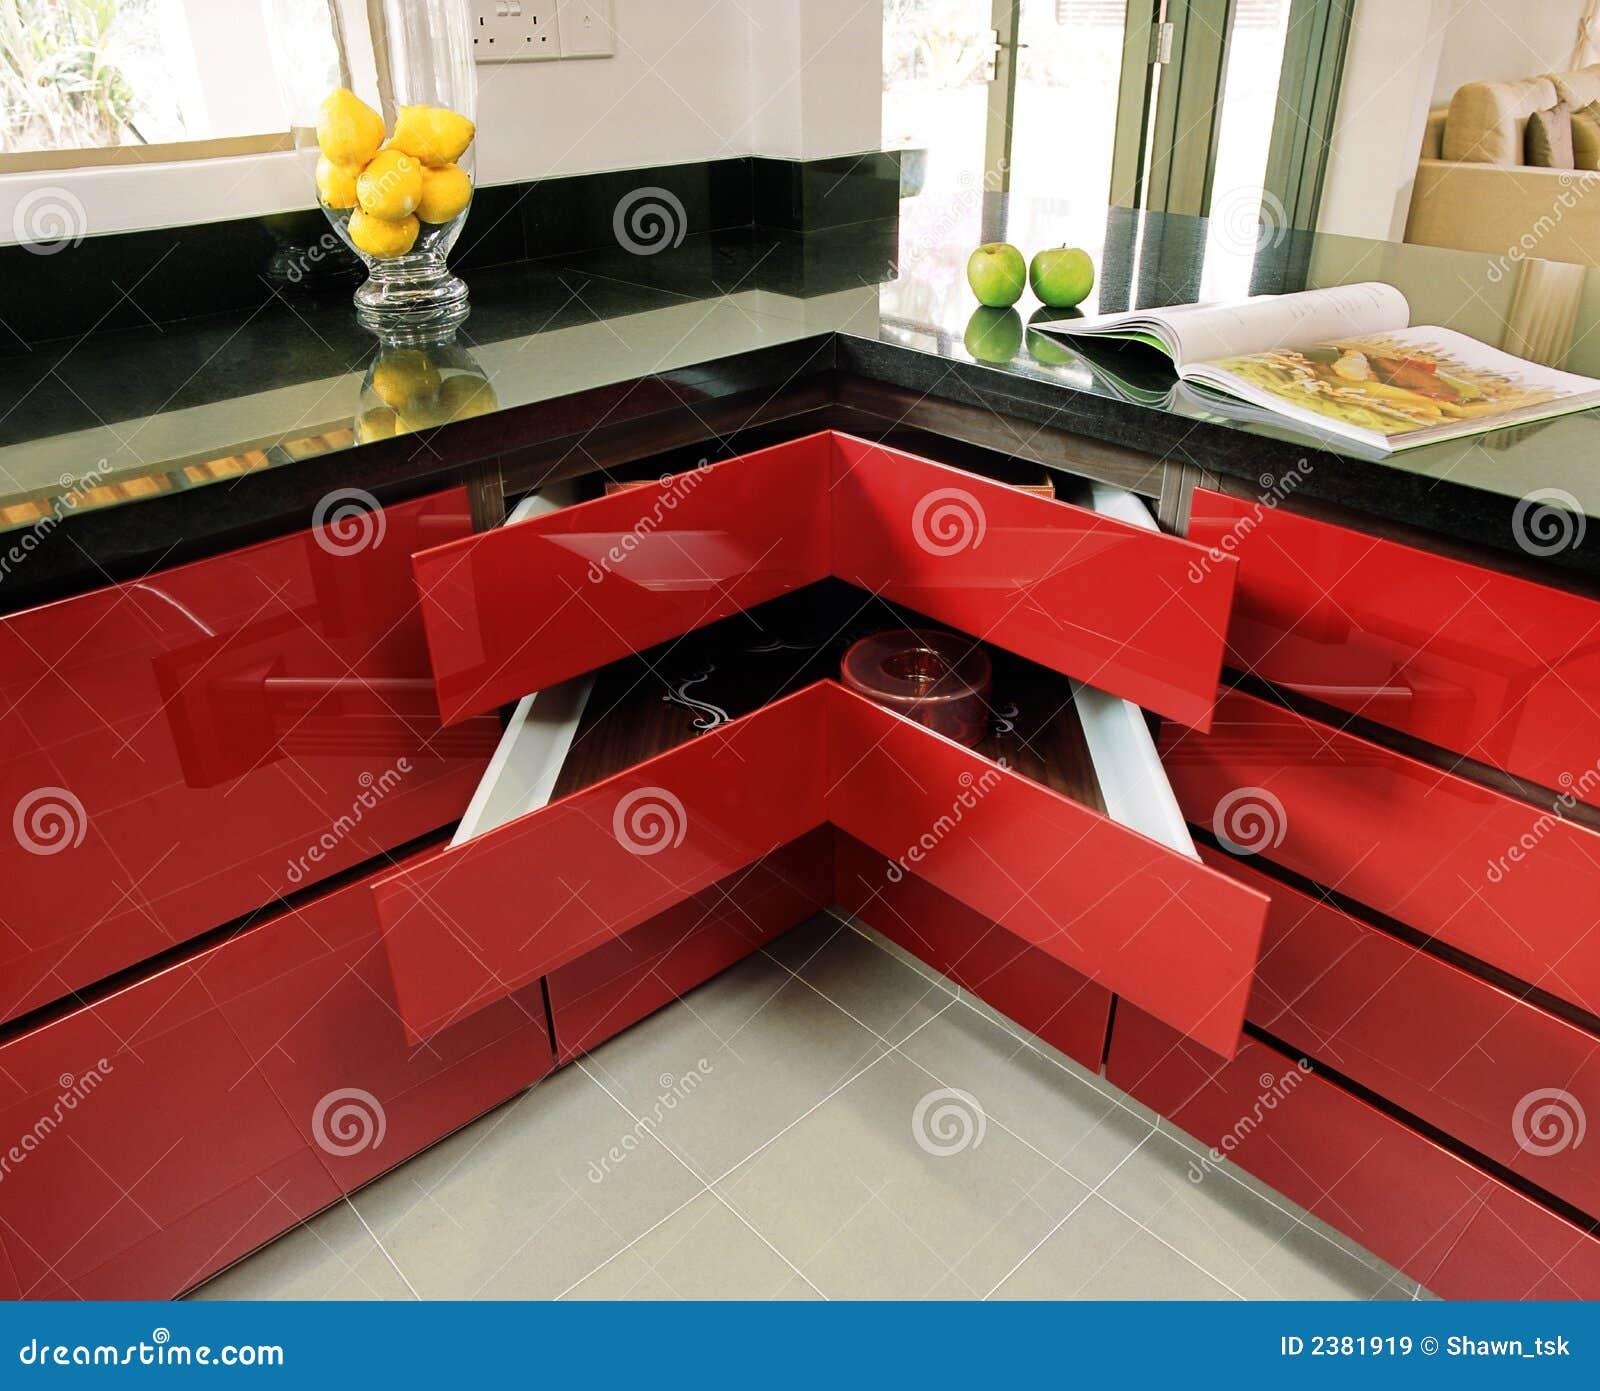 Projeto Interior Cozinha Imagens de Stock Royalty Free Imagem  #BA9B11 1300 1147